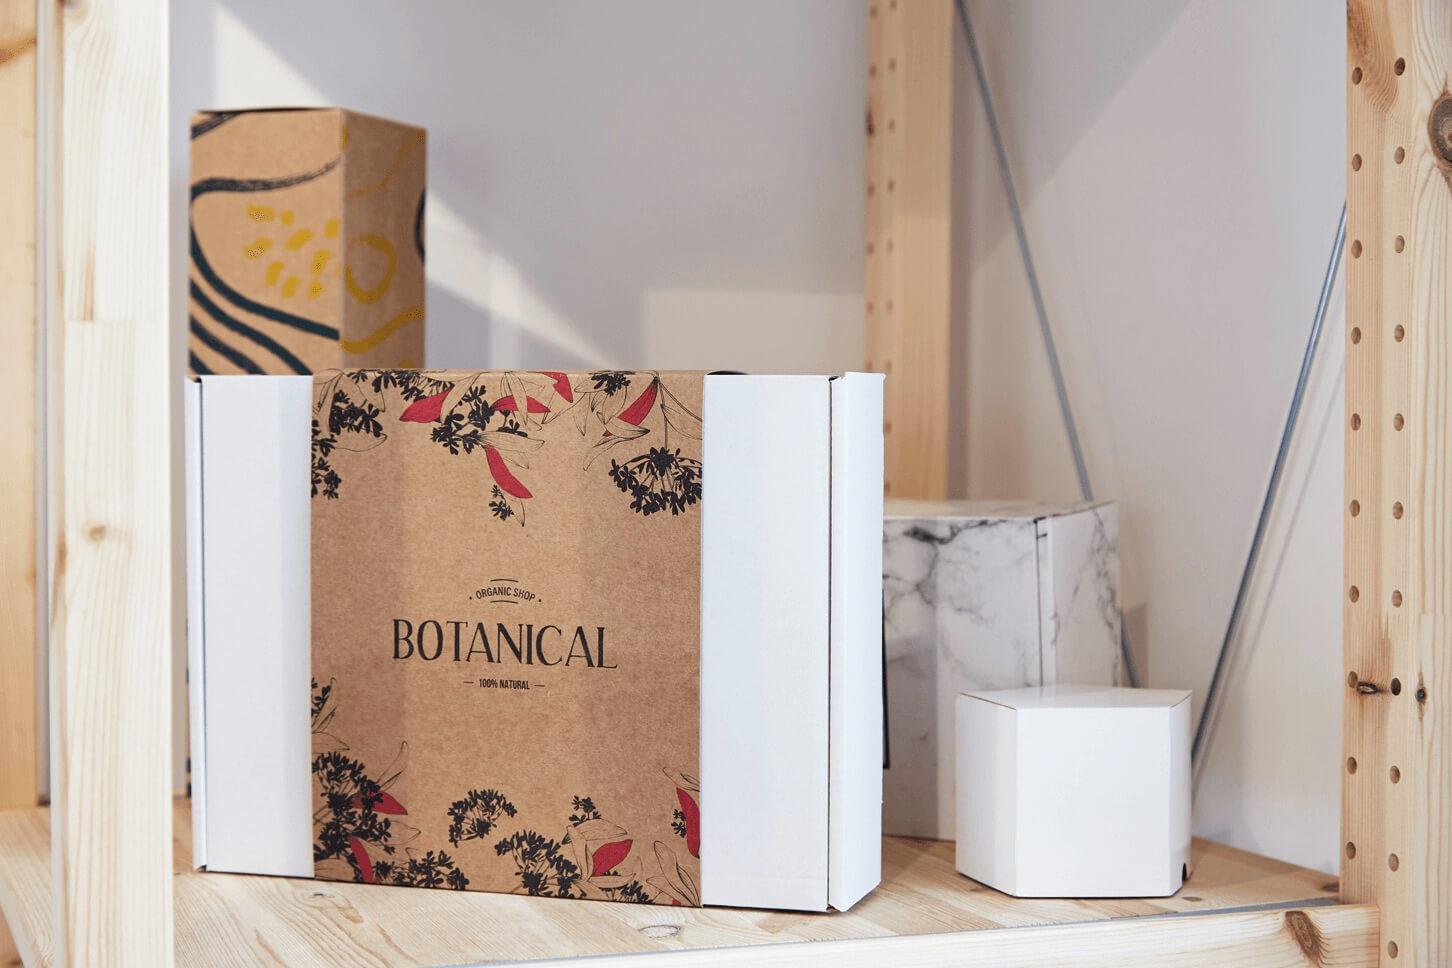 Boîtes en carton de la marque Botanical